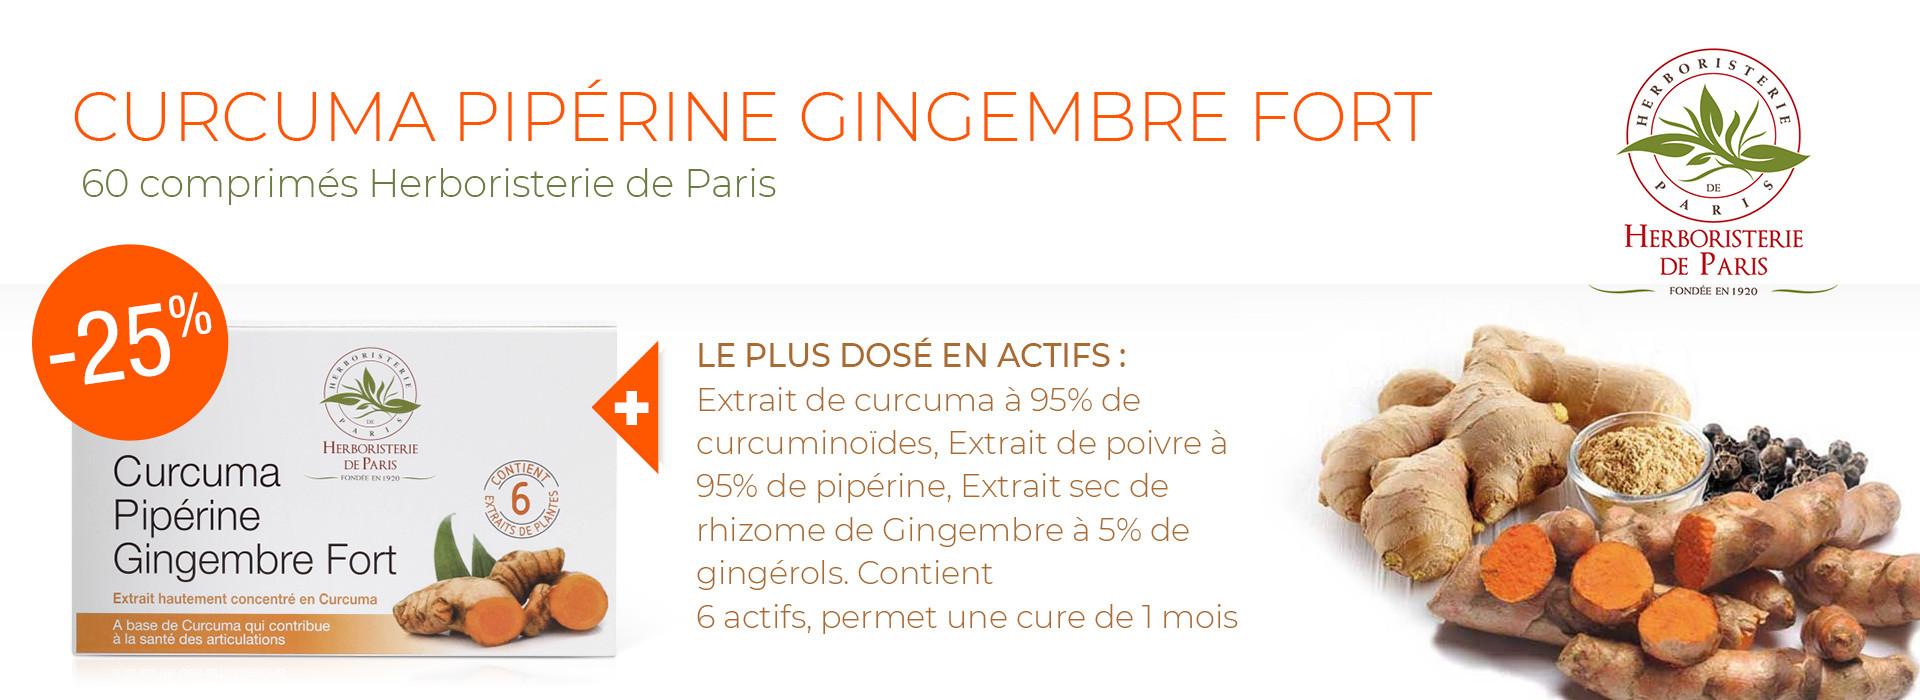 Offre d'essai -25% sur le Curcuma Pipérine Gingembre Fort